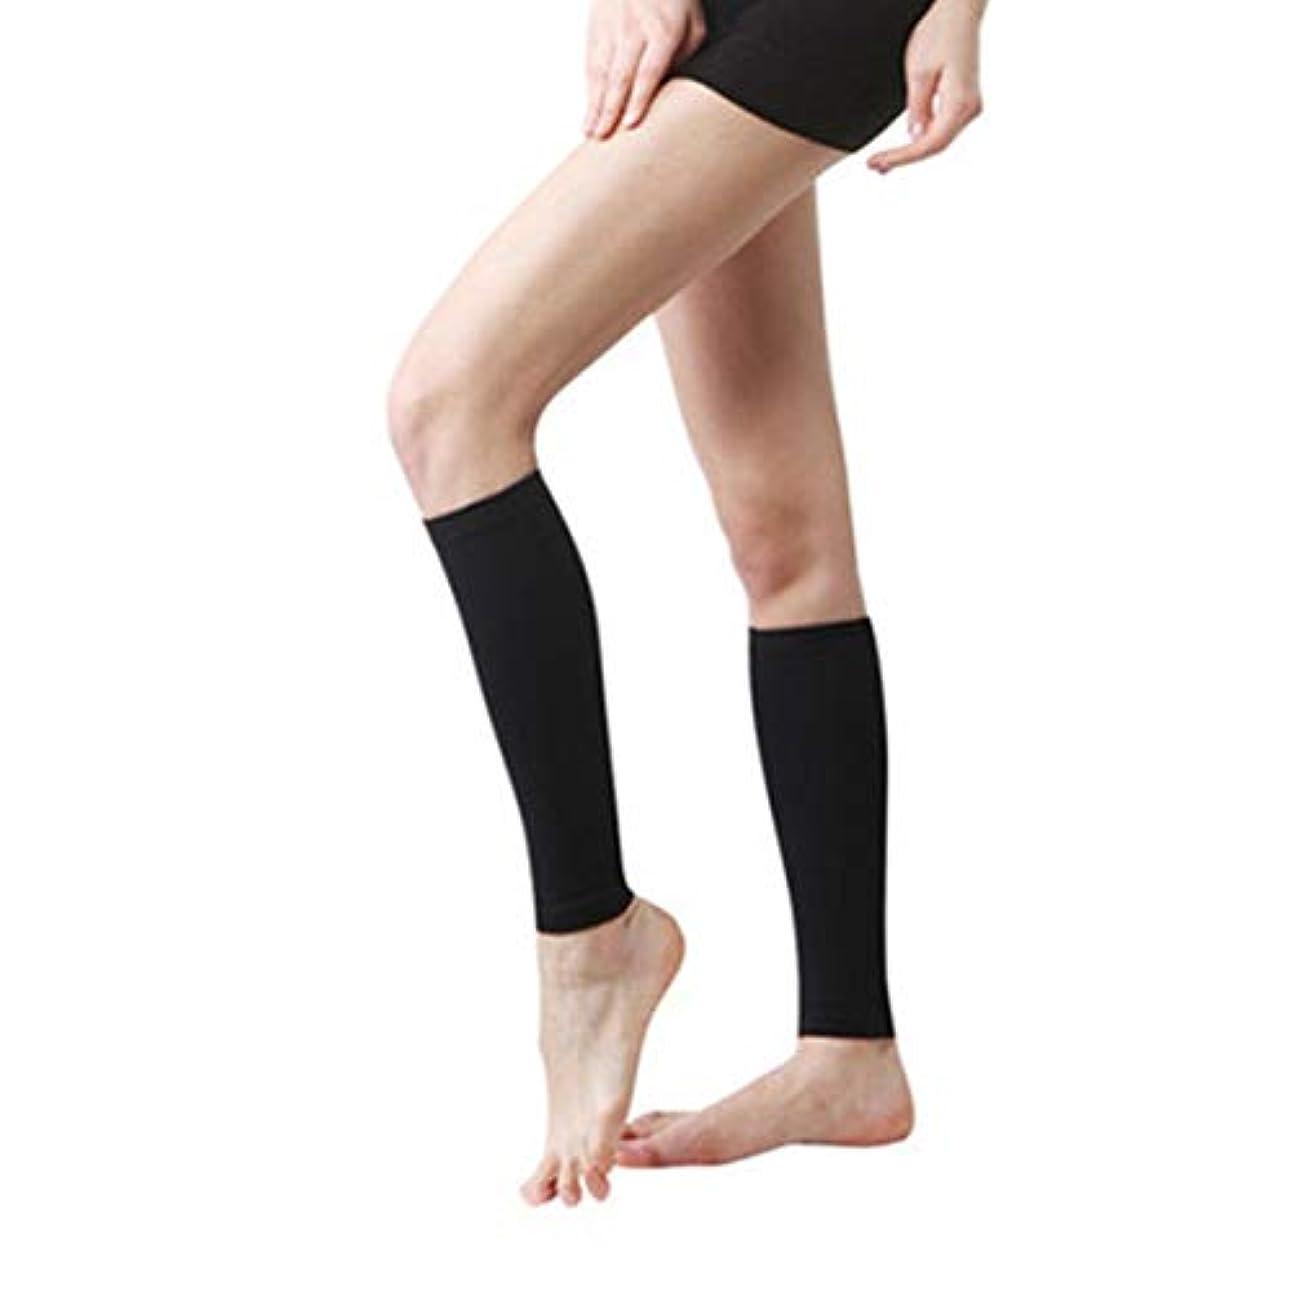 陽気な種をまく追記丈夫な男性女性プロの圧縮靴下通気性のある旅行活動看護師用シンススプリントフライトトラベル - ブラック